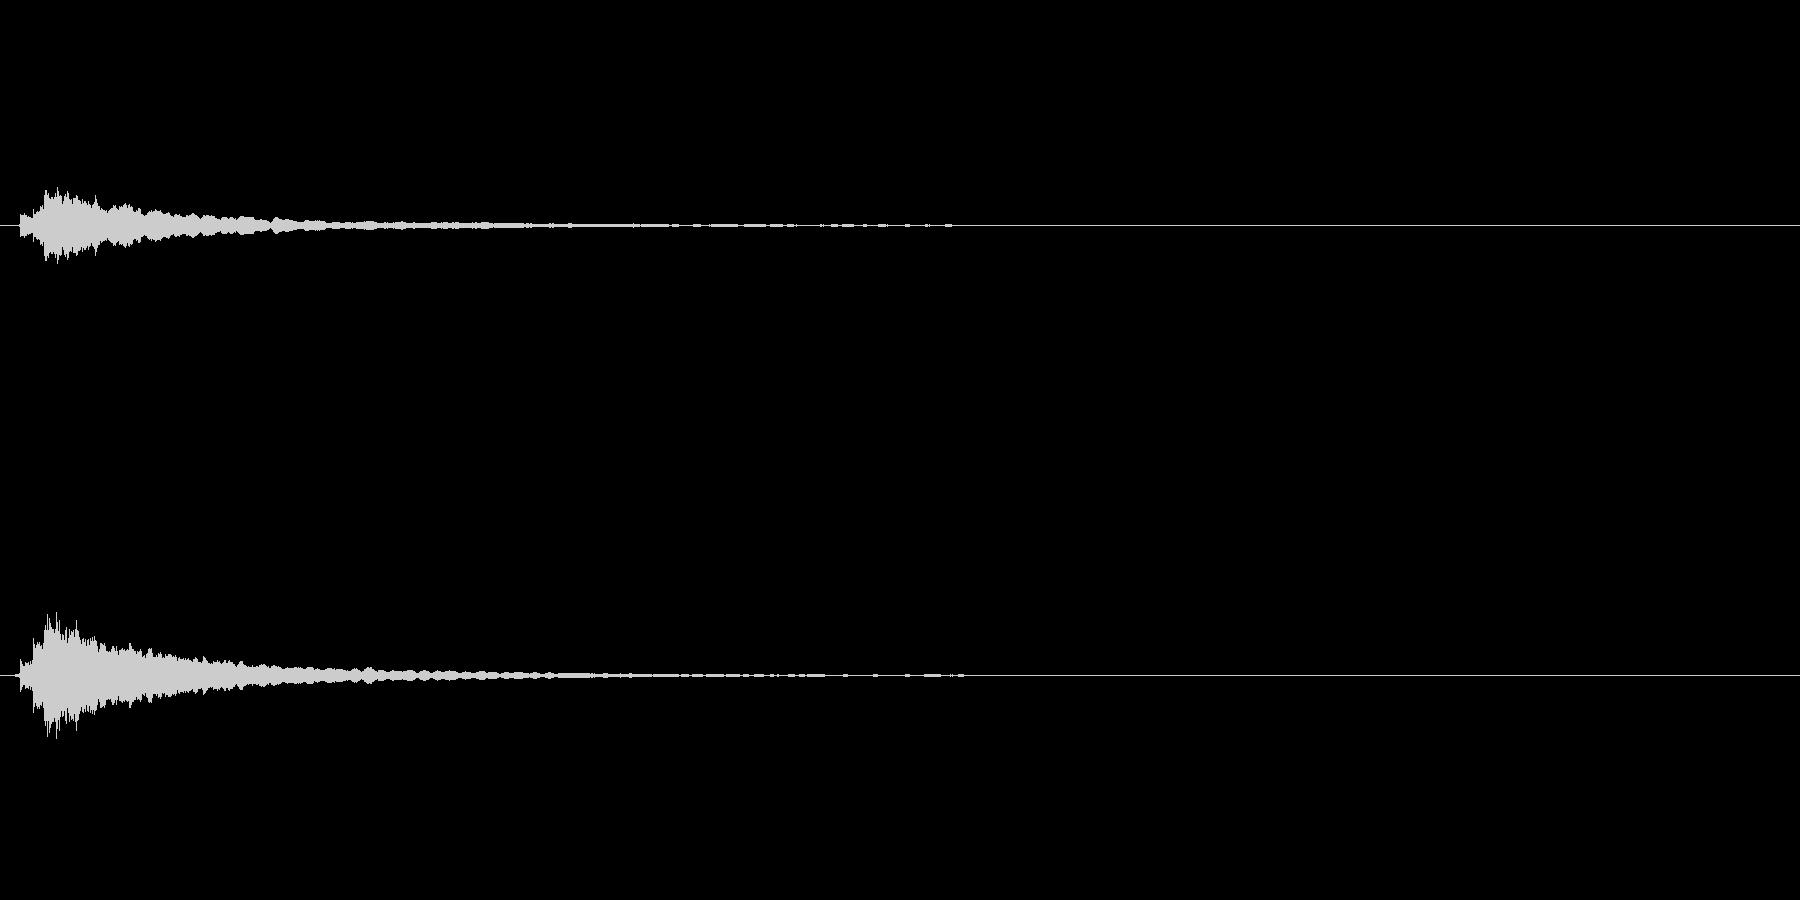 キラキラ系_048の未再生の波形